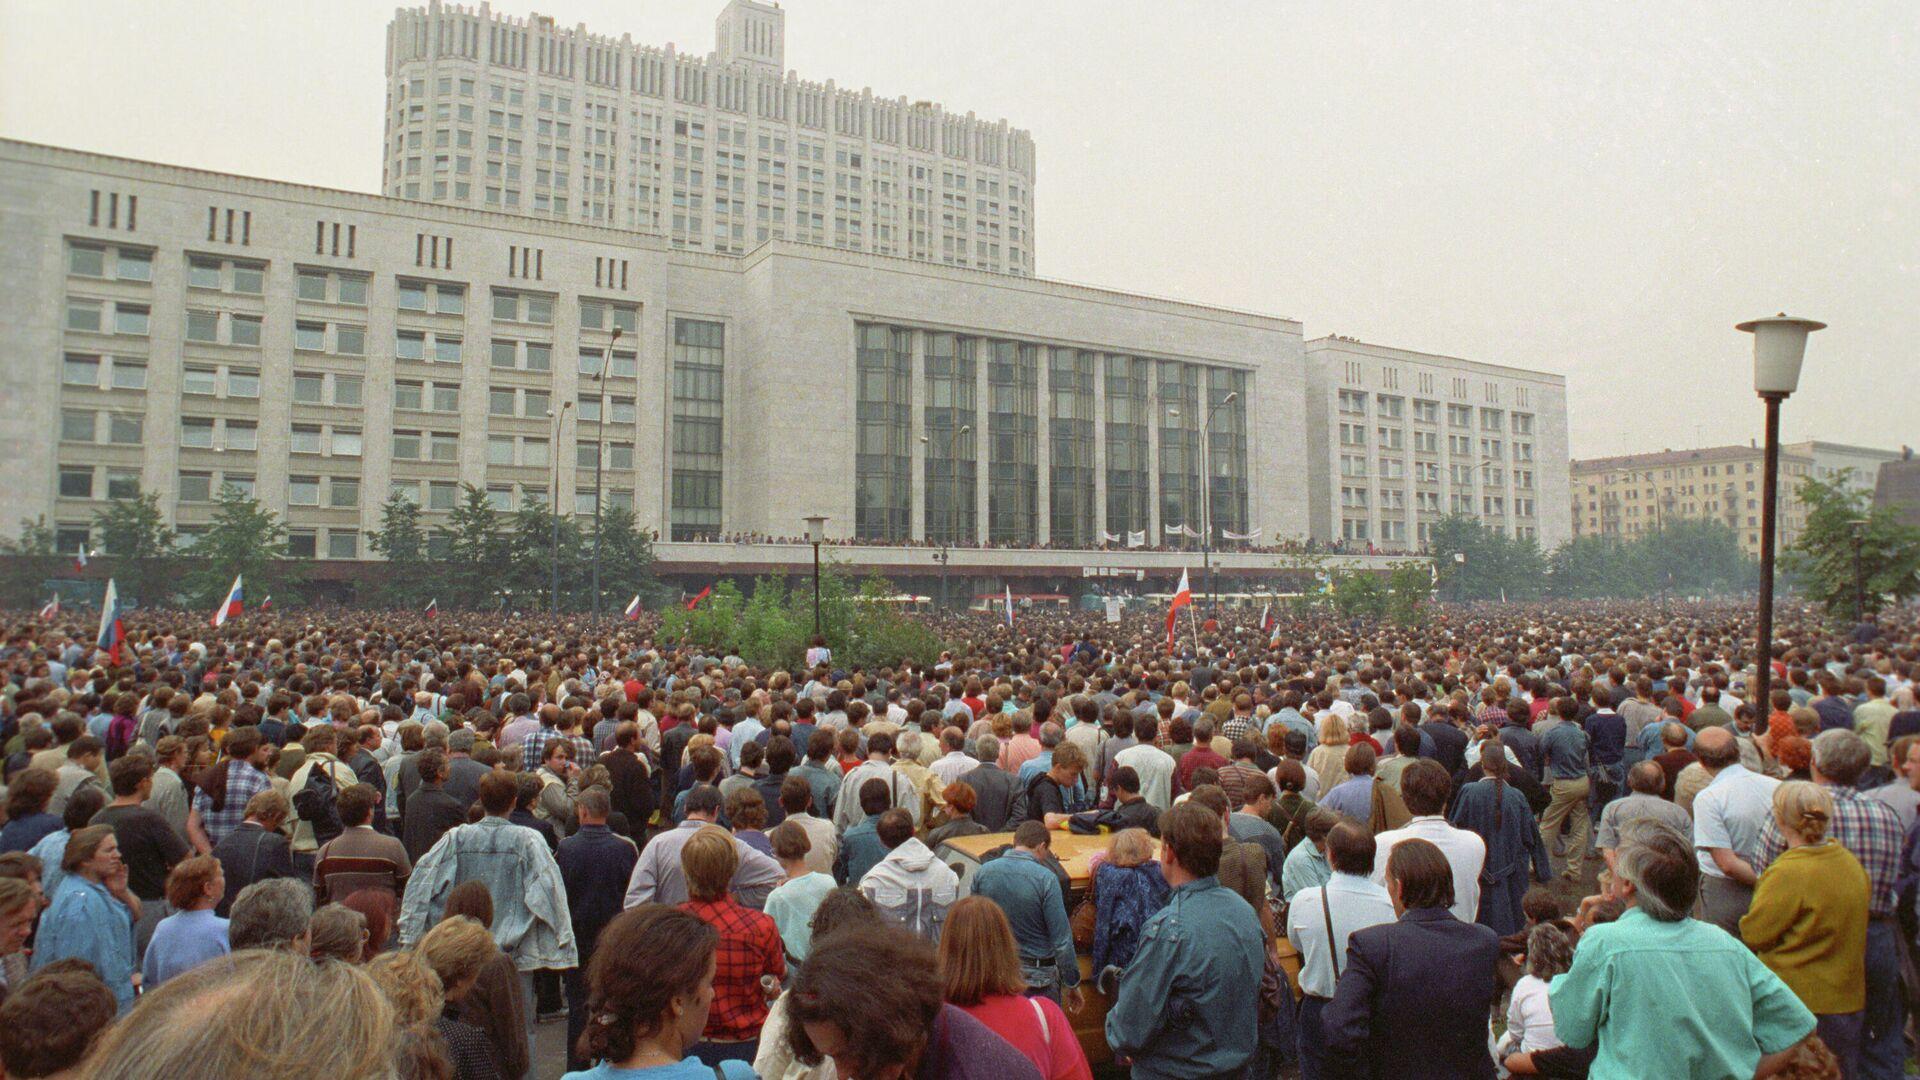 Манифестация у здания Верховного Совета РСФСР под названием Акция в защиту Белого дома - Sputnik Таджикистан, 1920, 22.08.2021